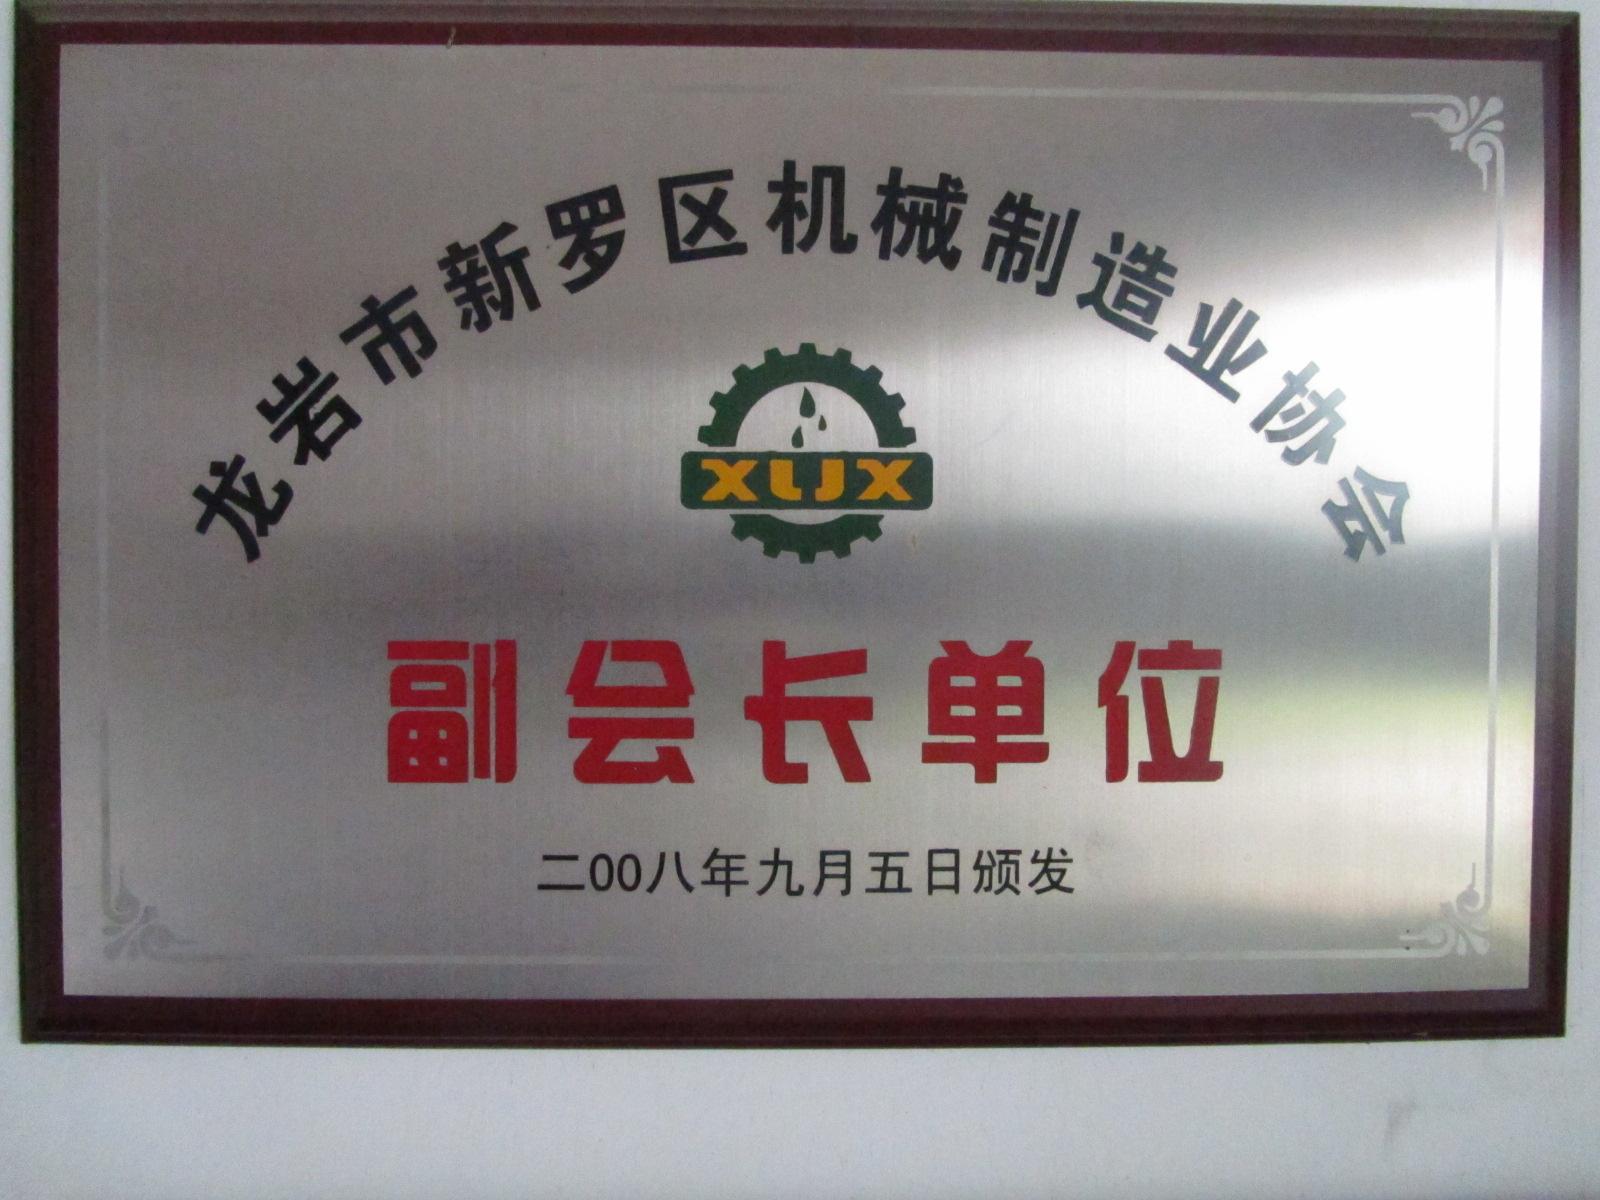 2008年9月5日,丰力机械成为龙岩市新罗区机械制造业协会副会展单位。